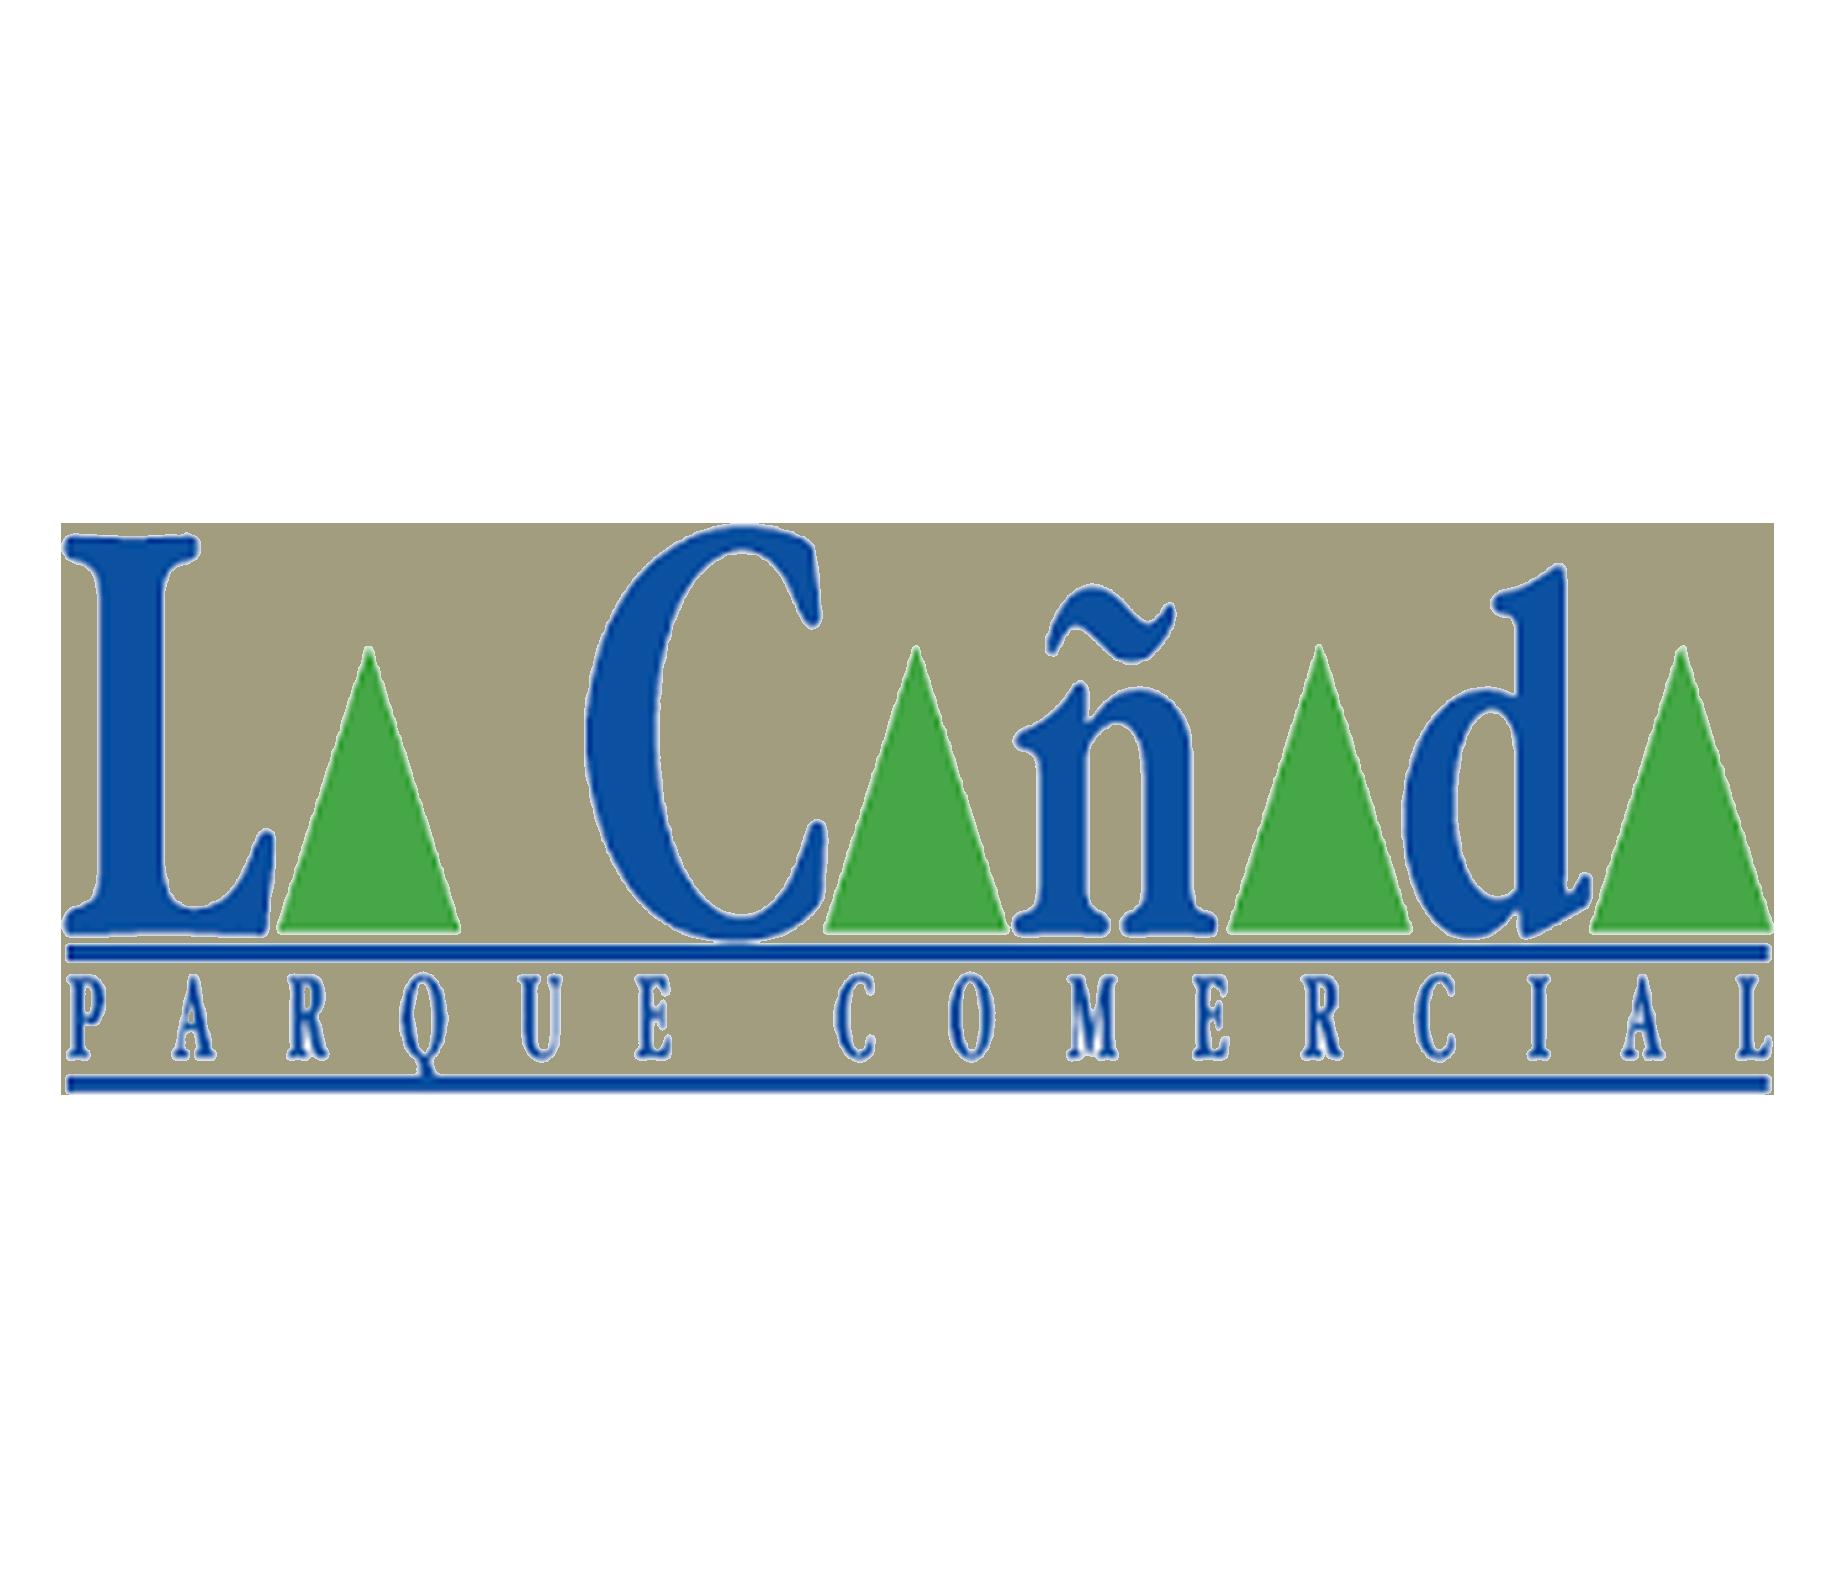 lacanada